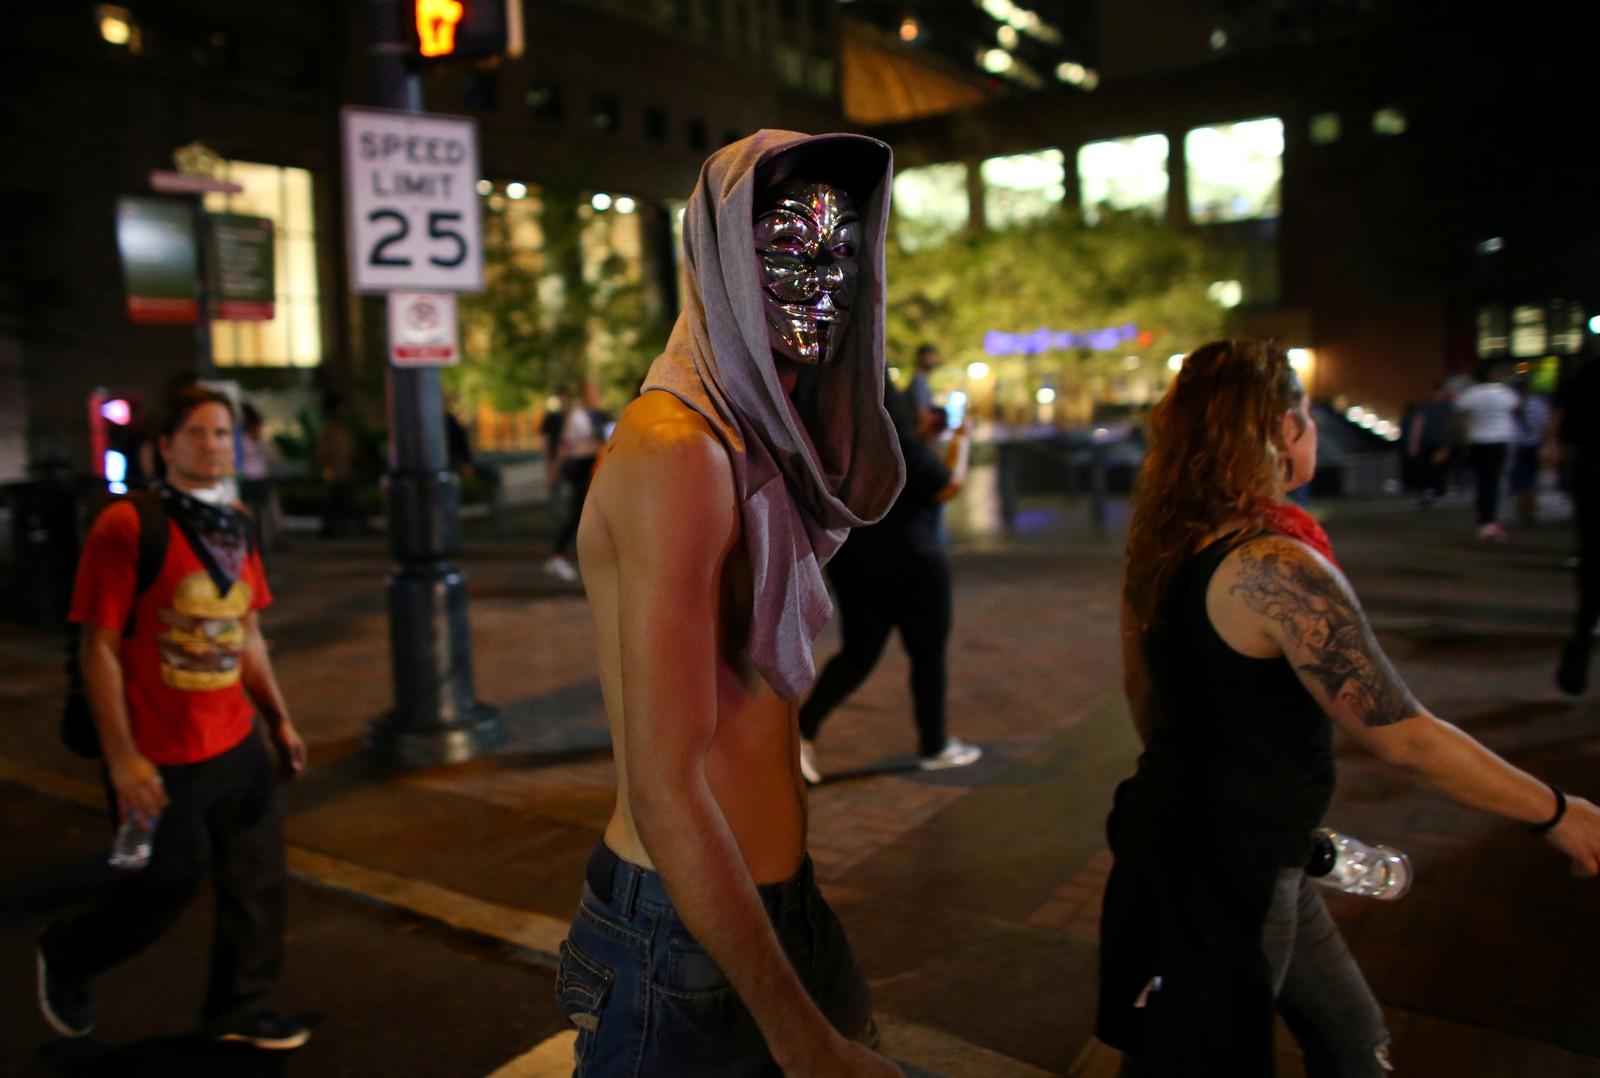 Demonstranter protesterer i gatene etter at Keith Scott ble skutt i Charlotte.